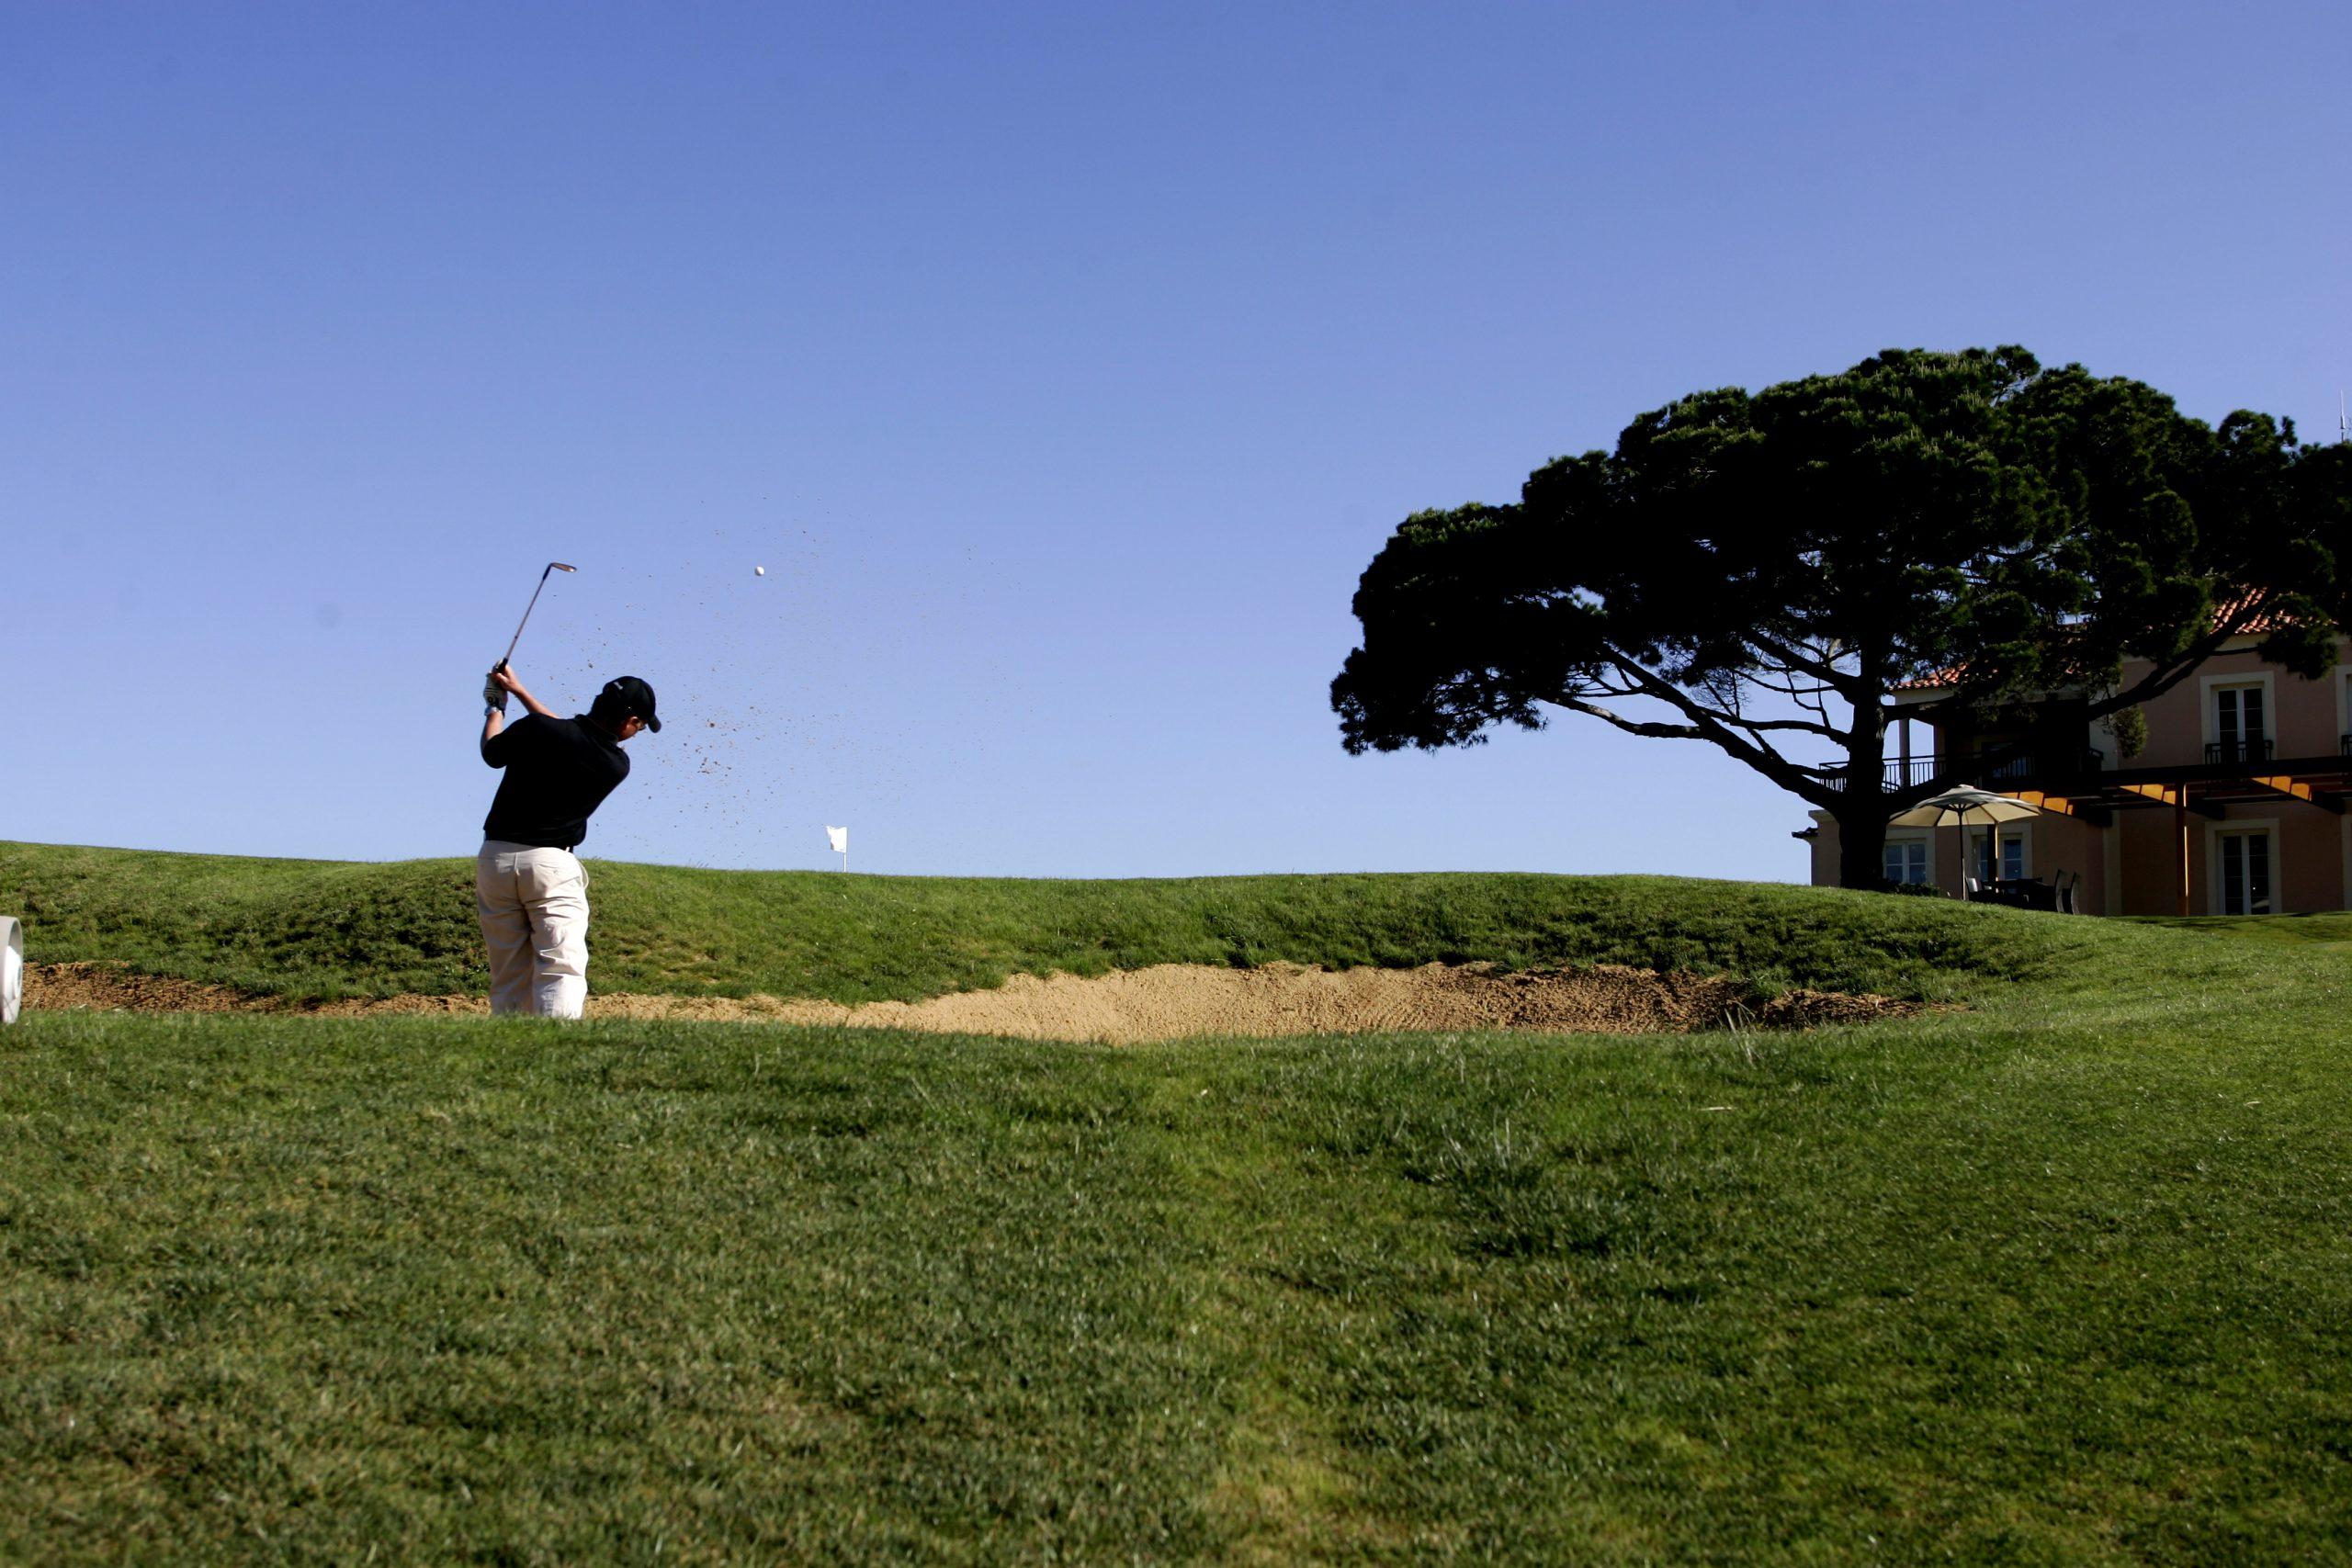 Også golfrejsebureauer er som alle andre hårdt ramt af coronakrisen. Arkivpressefoto: Golf Estoril, Sintra Golf Coast.